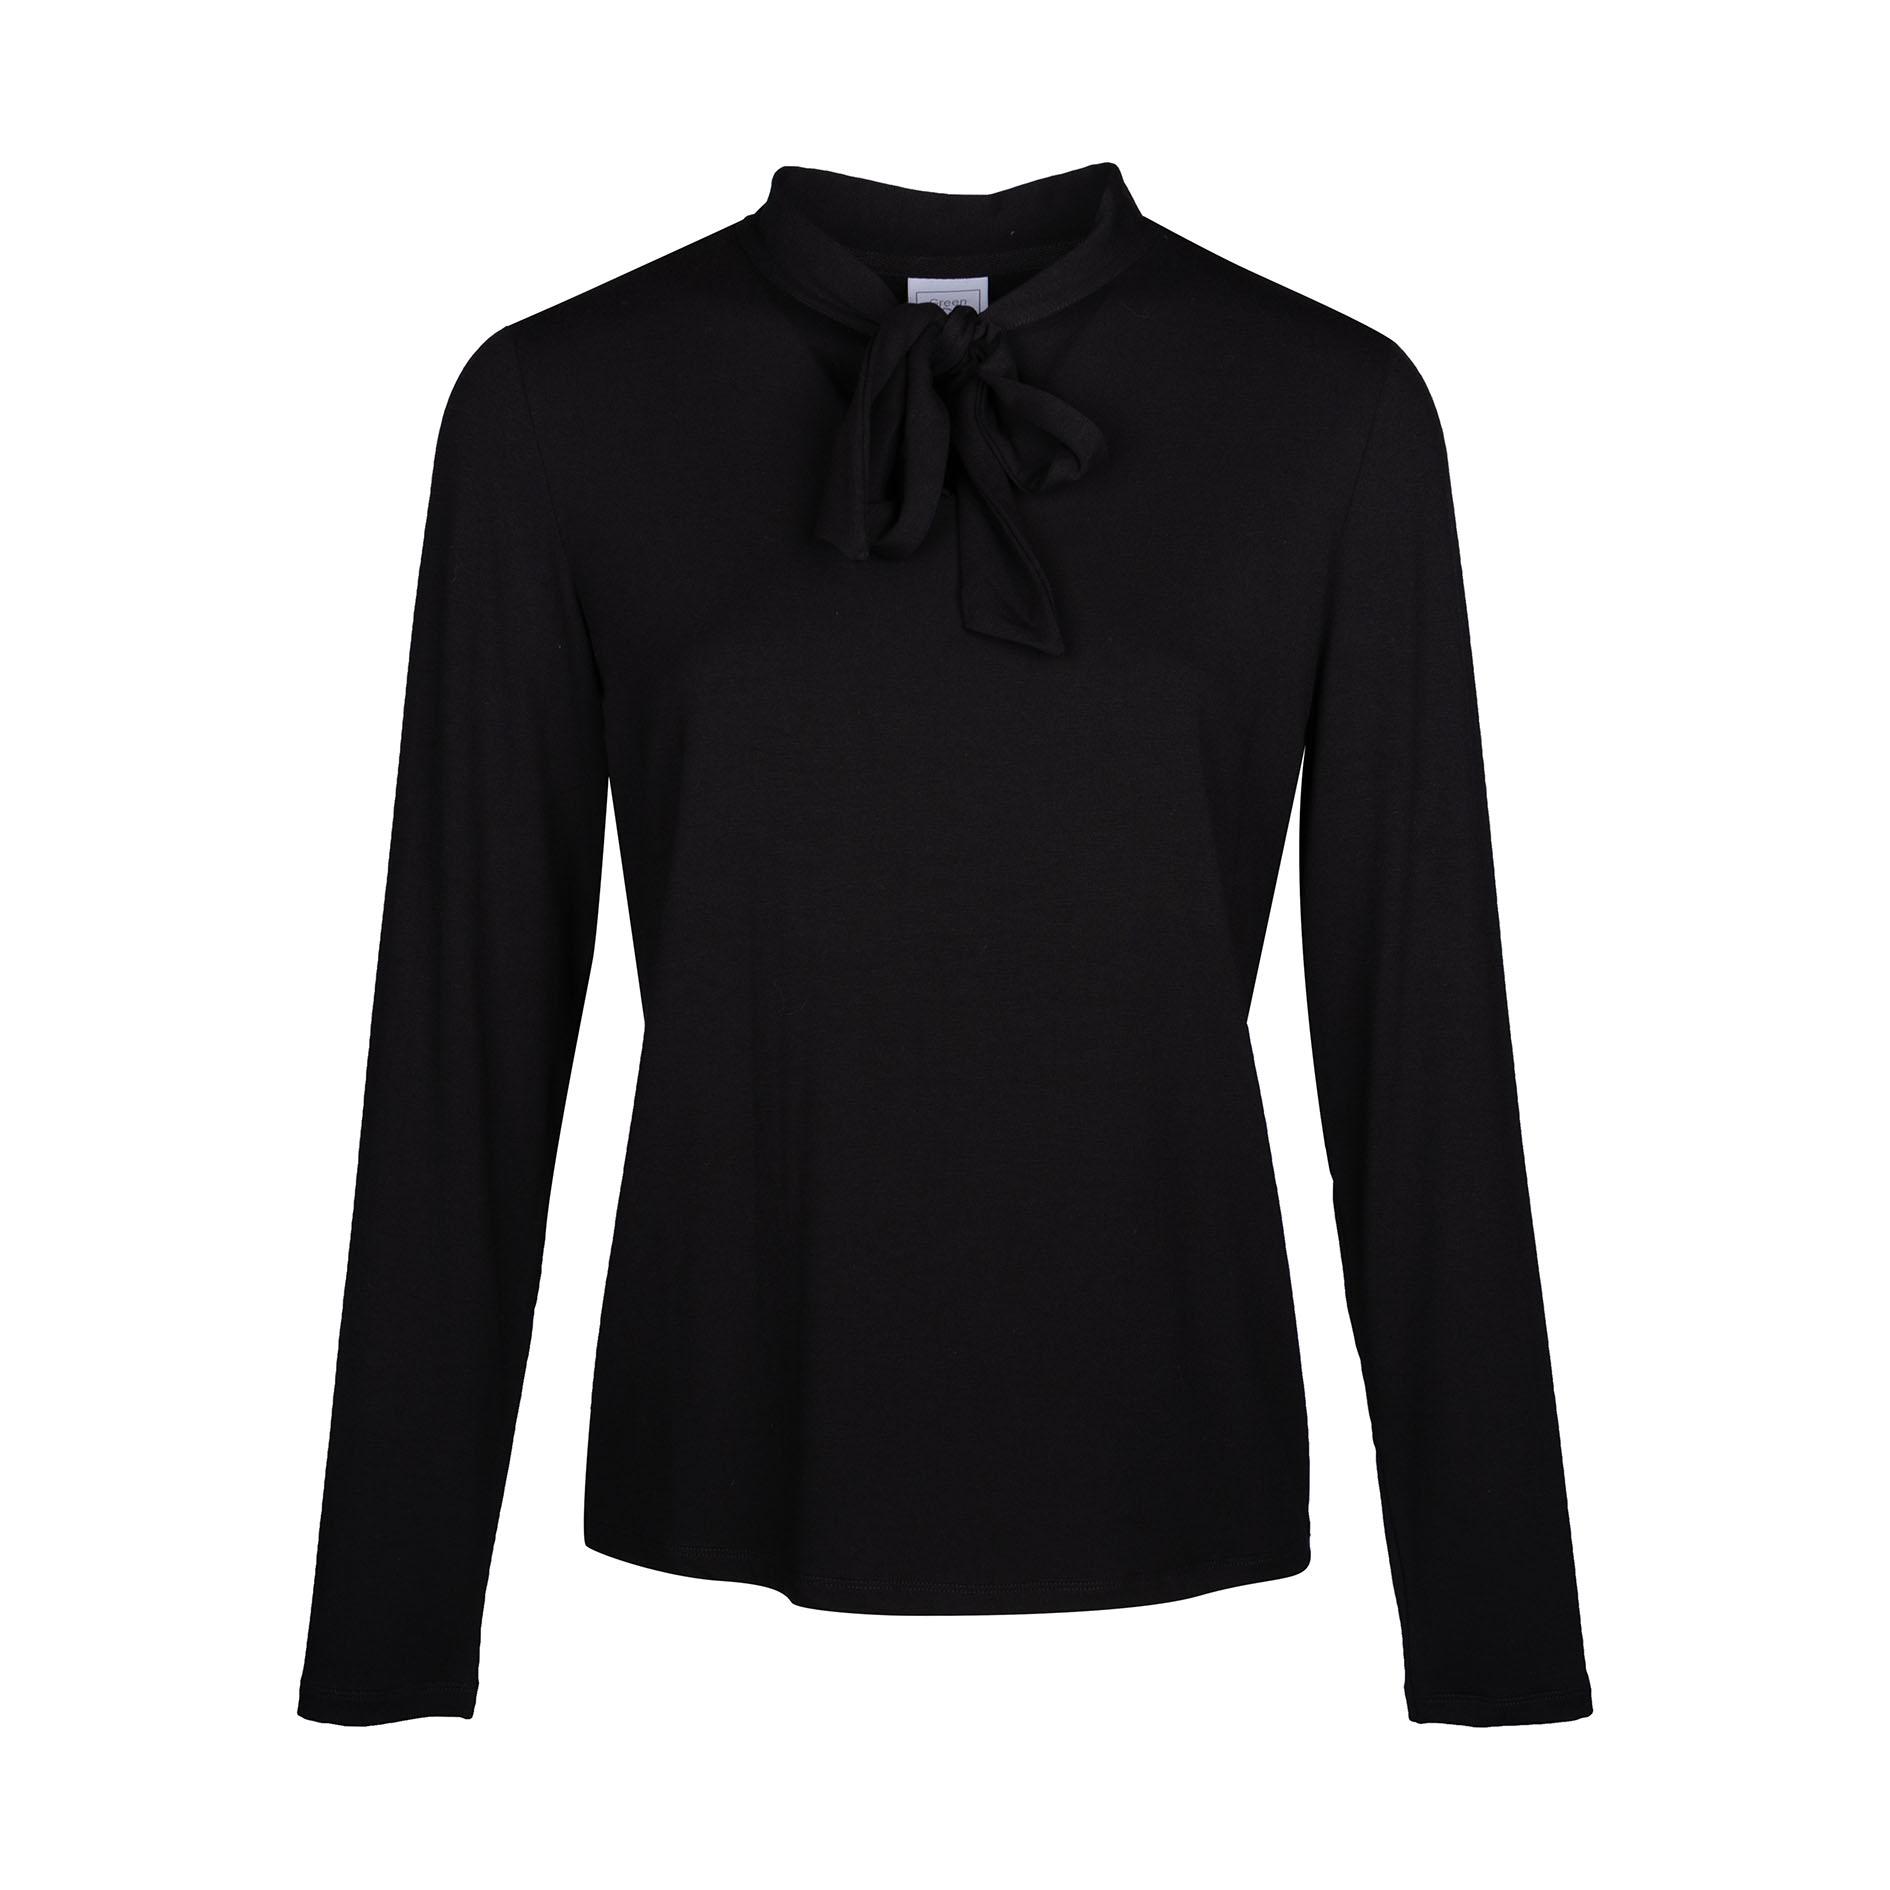 T-Shirt 'Poncho' Black